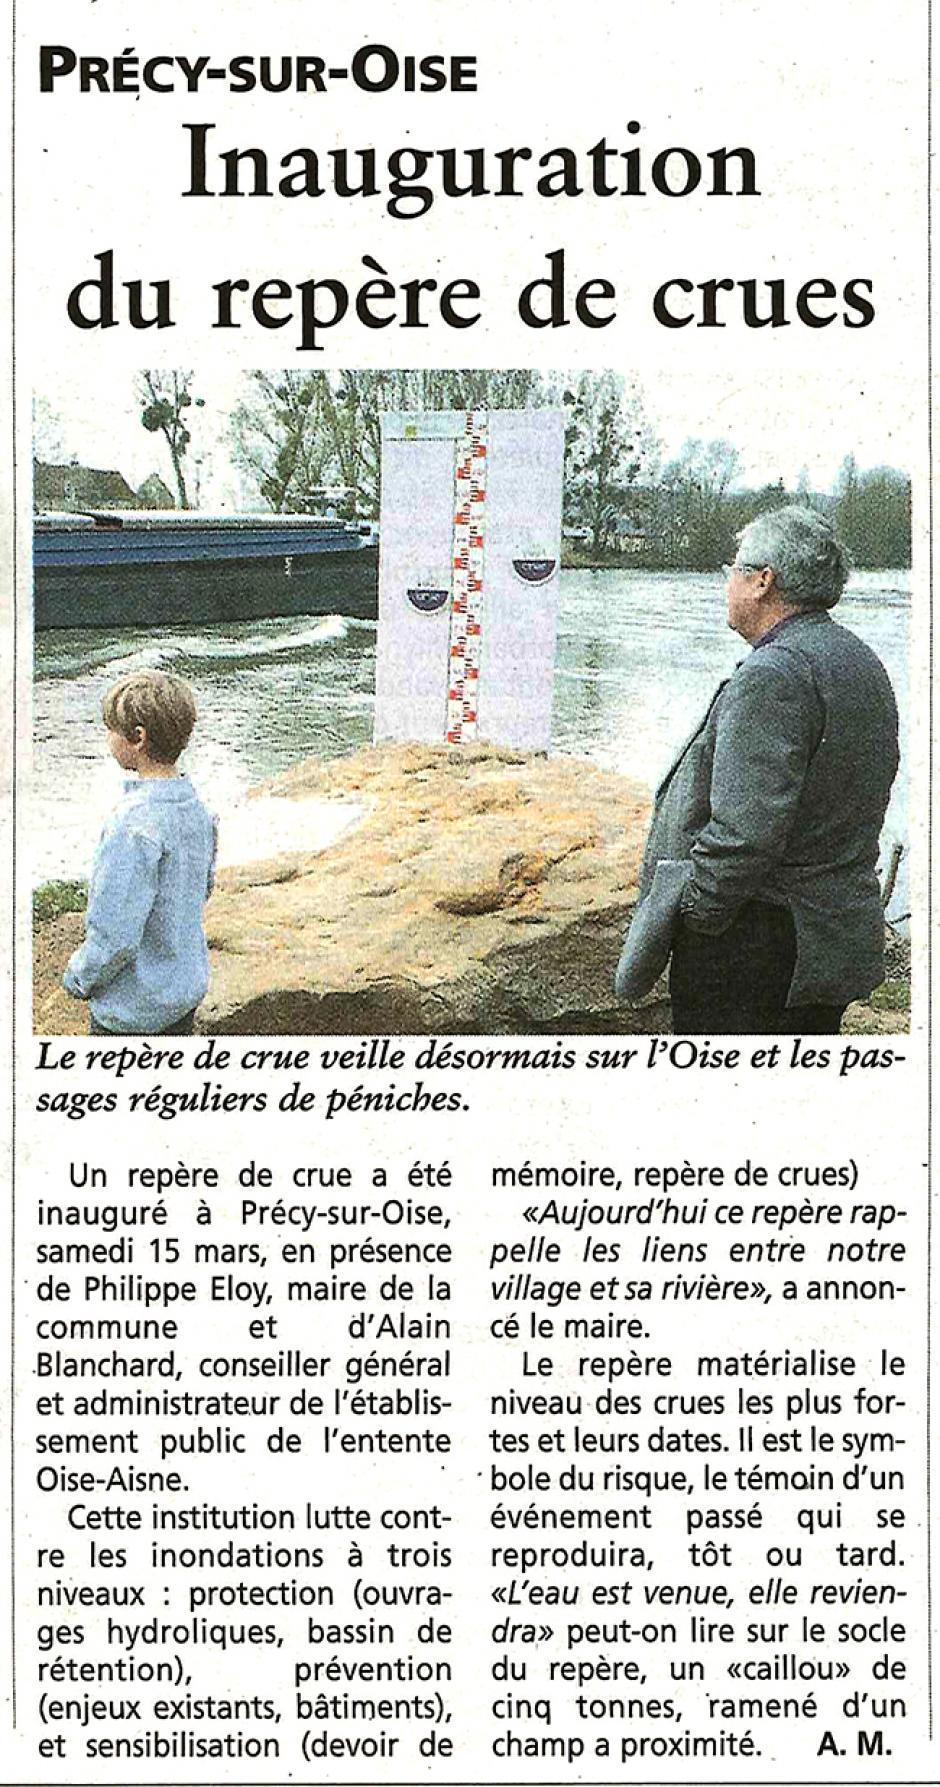 20140319-OH-Précy-sur-Oise-Inauguration du repère de crue [Alain Blanchard]